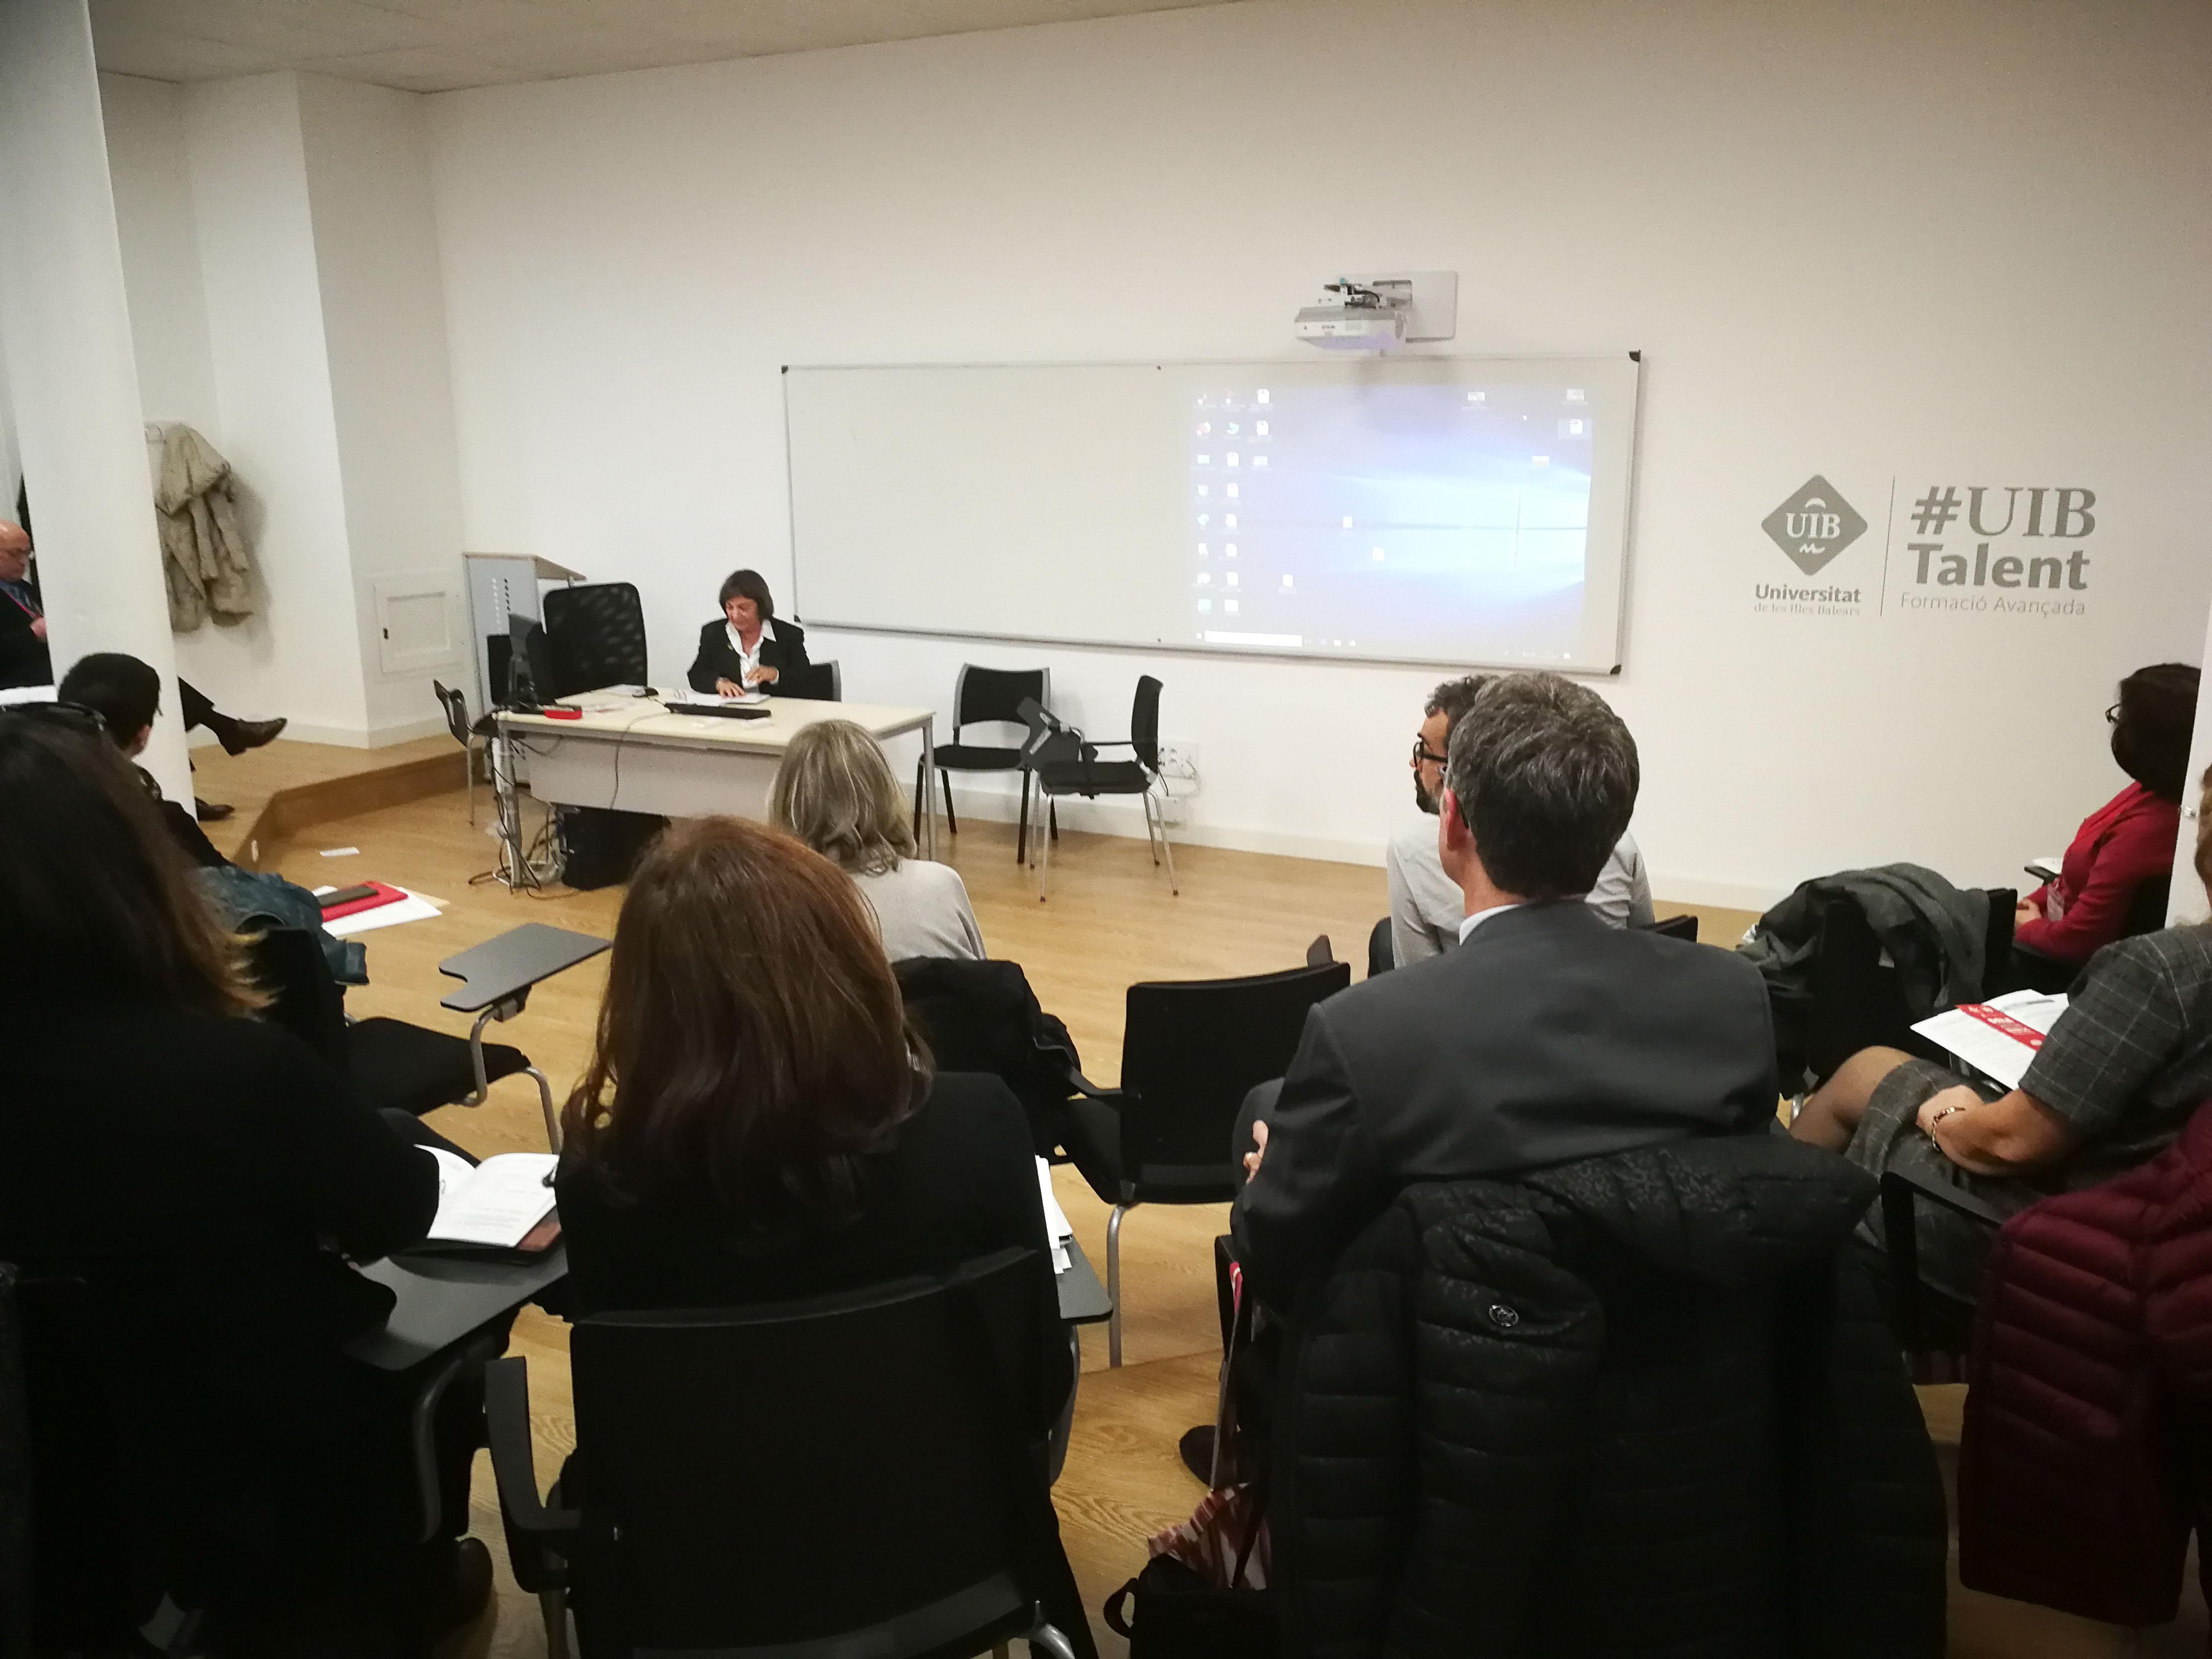 La practica educativa_PalmadiMaiorca-171158